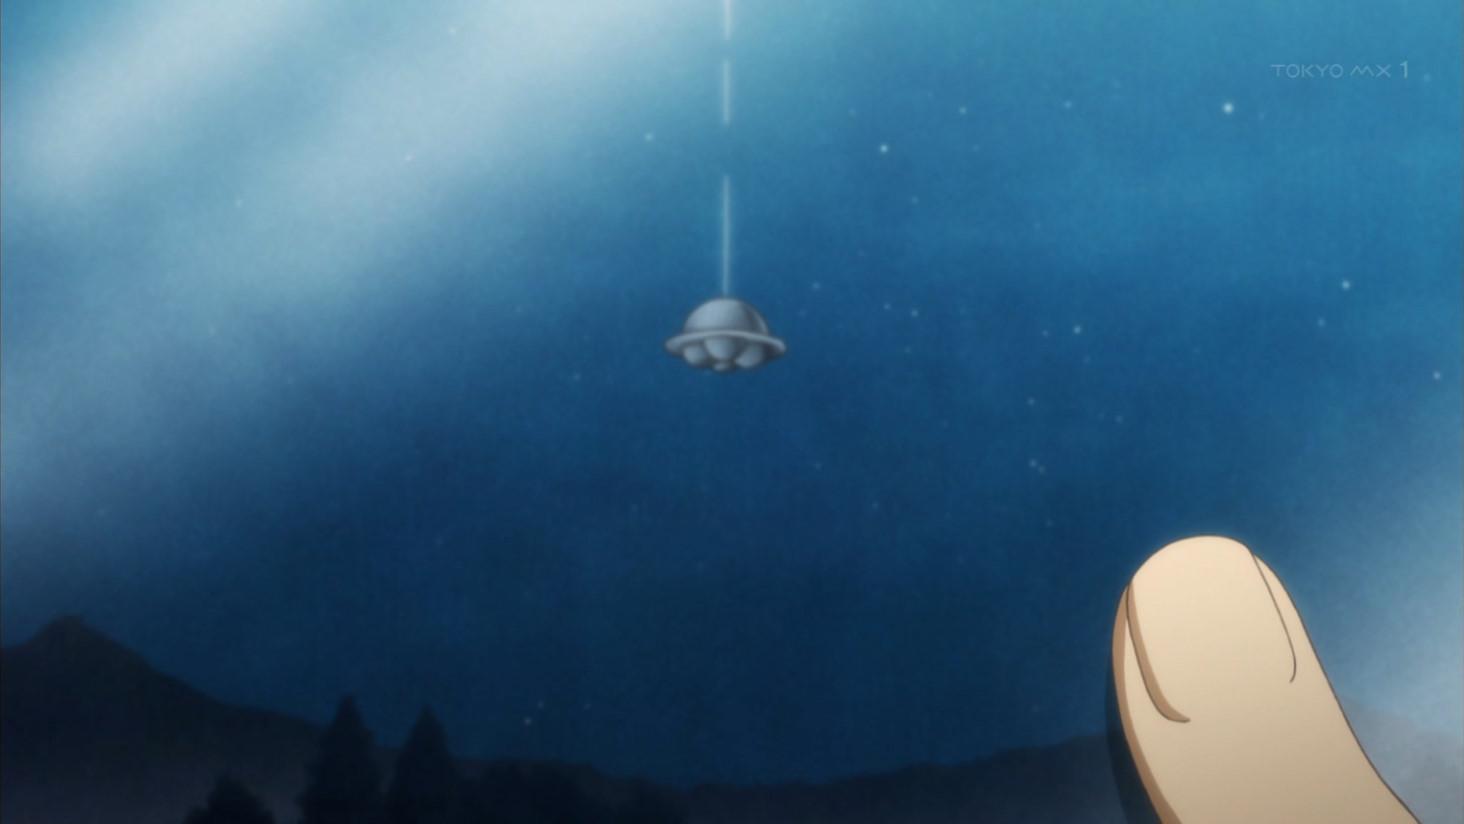 めっちゃ糸 #yamajo #yamajo_anime #やまじょ #tokyomx http://t.co/pXtLEMHJLy